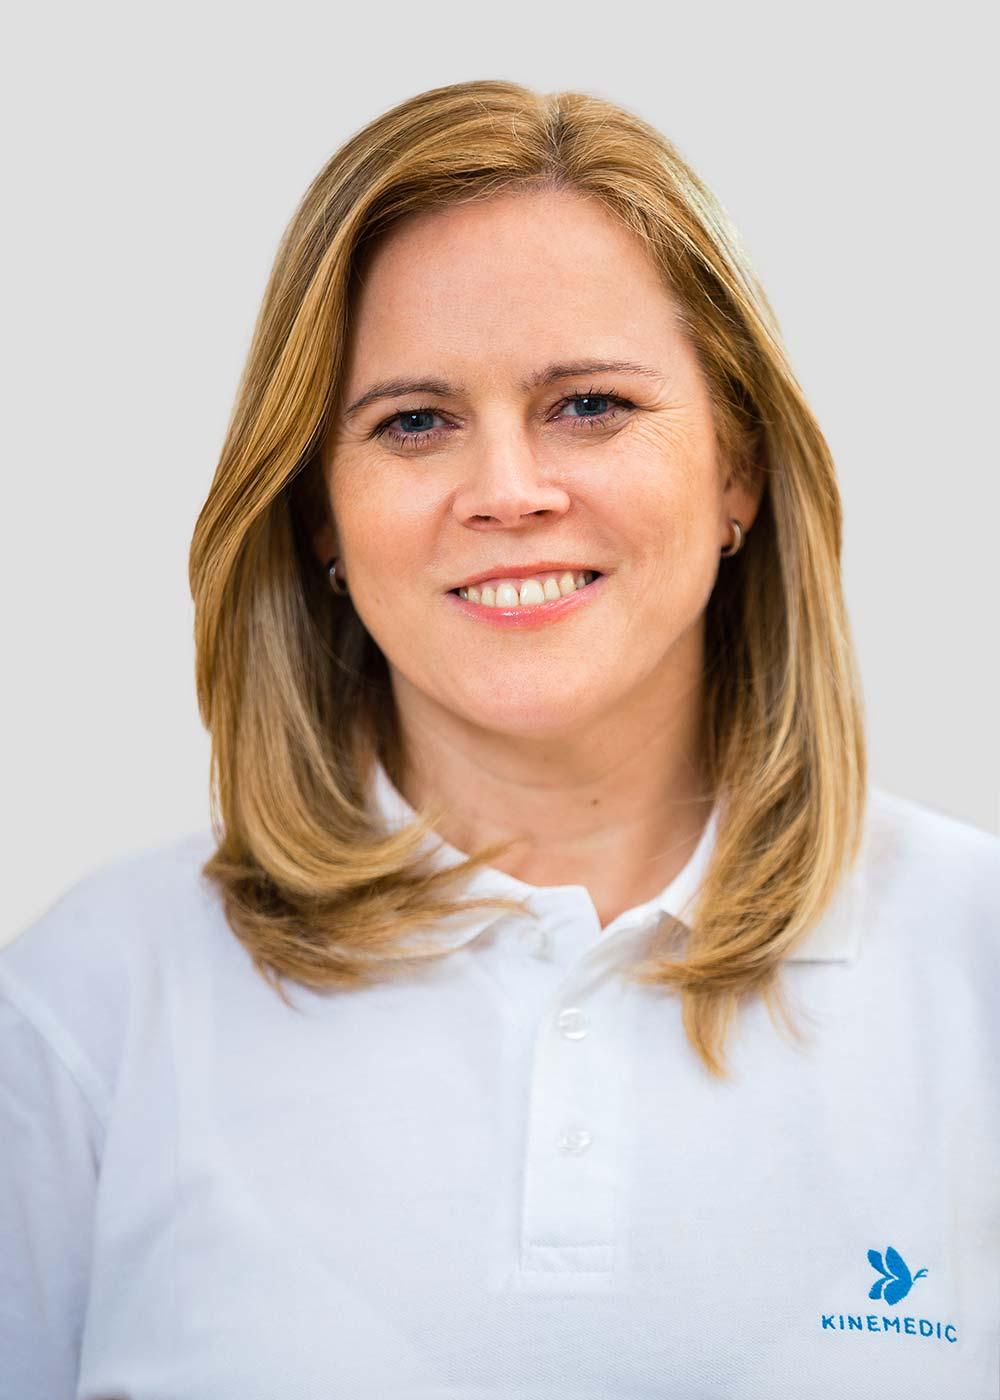 Ernestine Steyrer